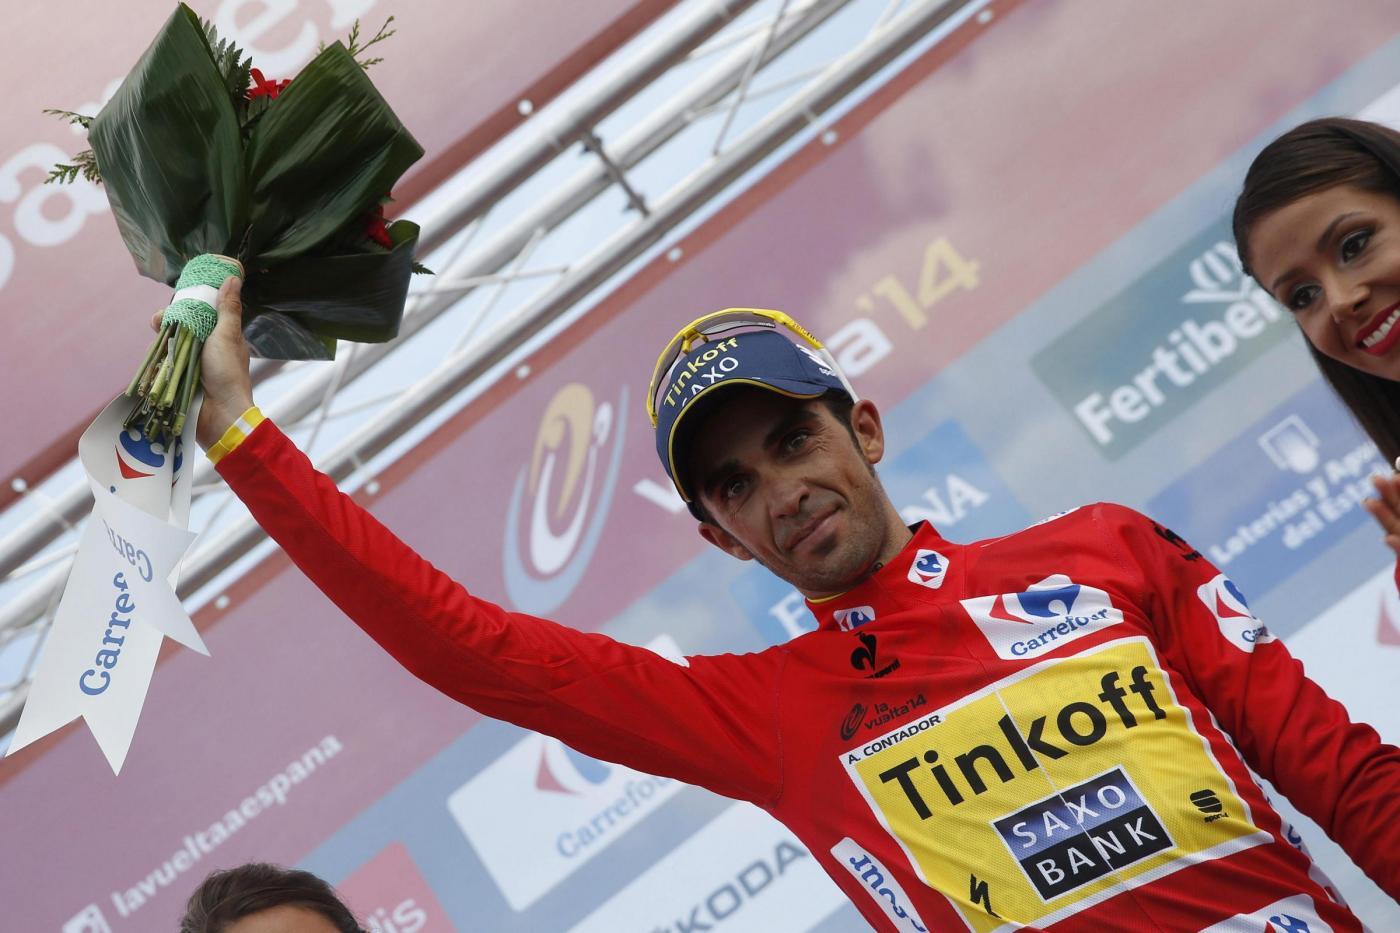 Vuelta di Spagna Contador rosso